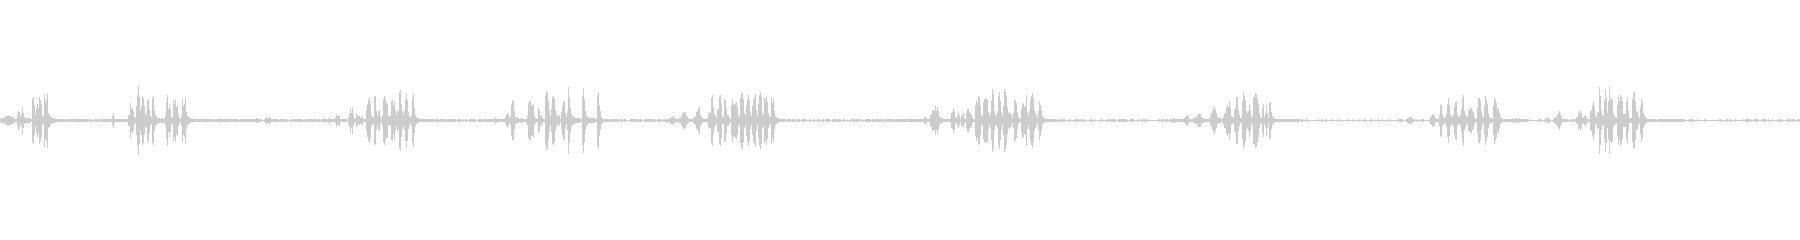 シジュウカラ鳥チャープシティパーク...の未再生の波形